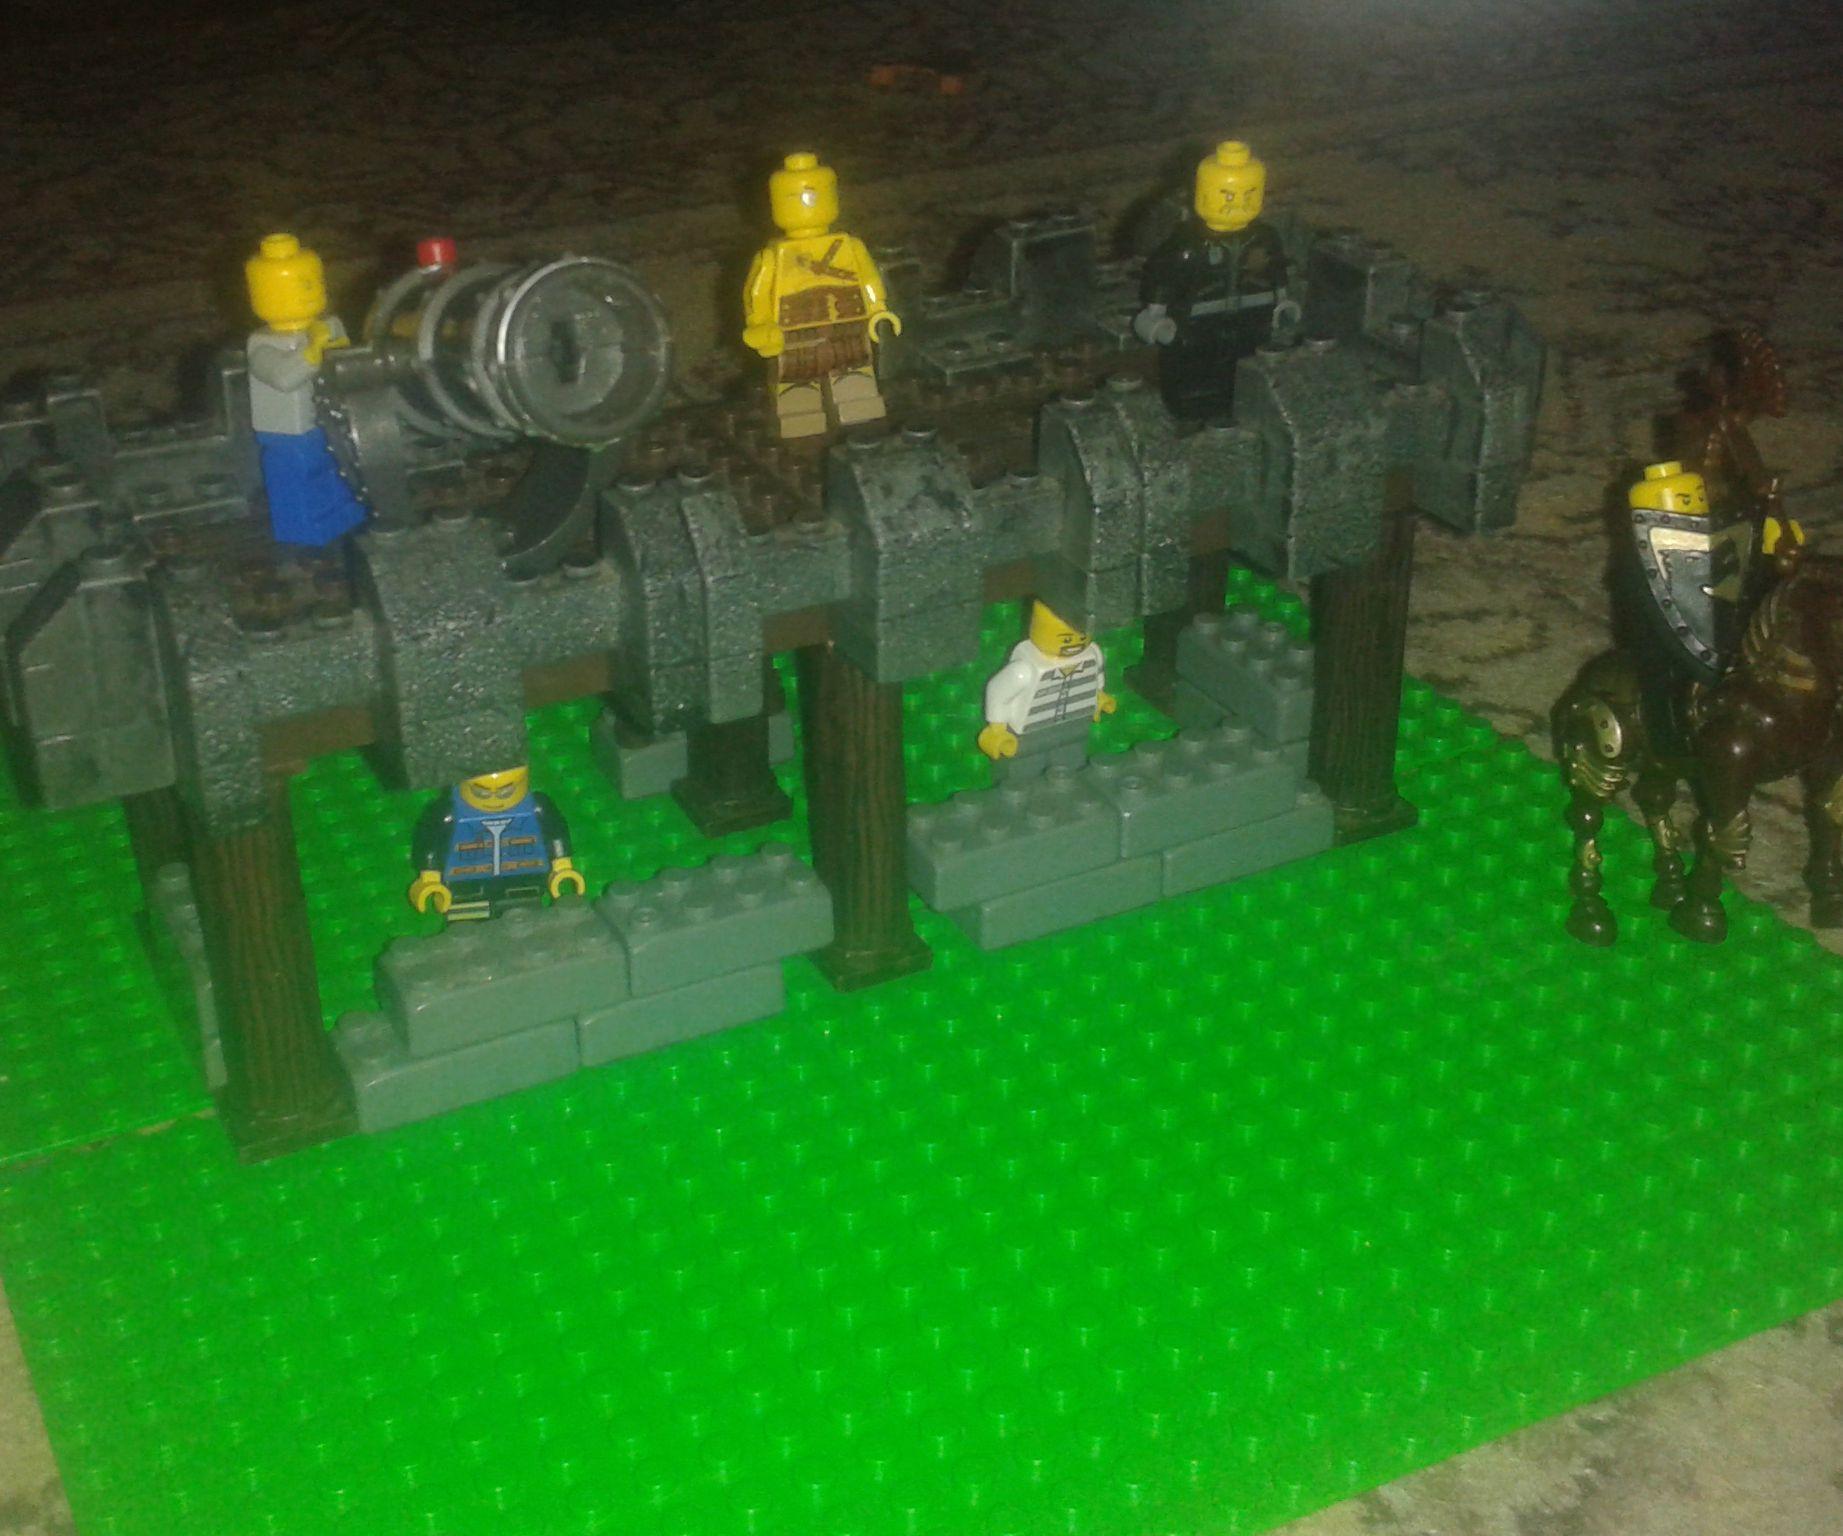 LEGO Bunker!